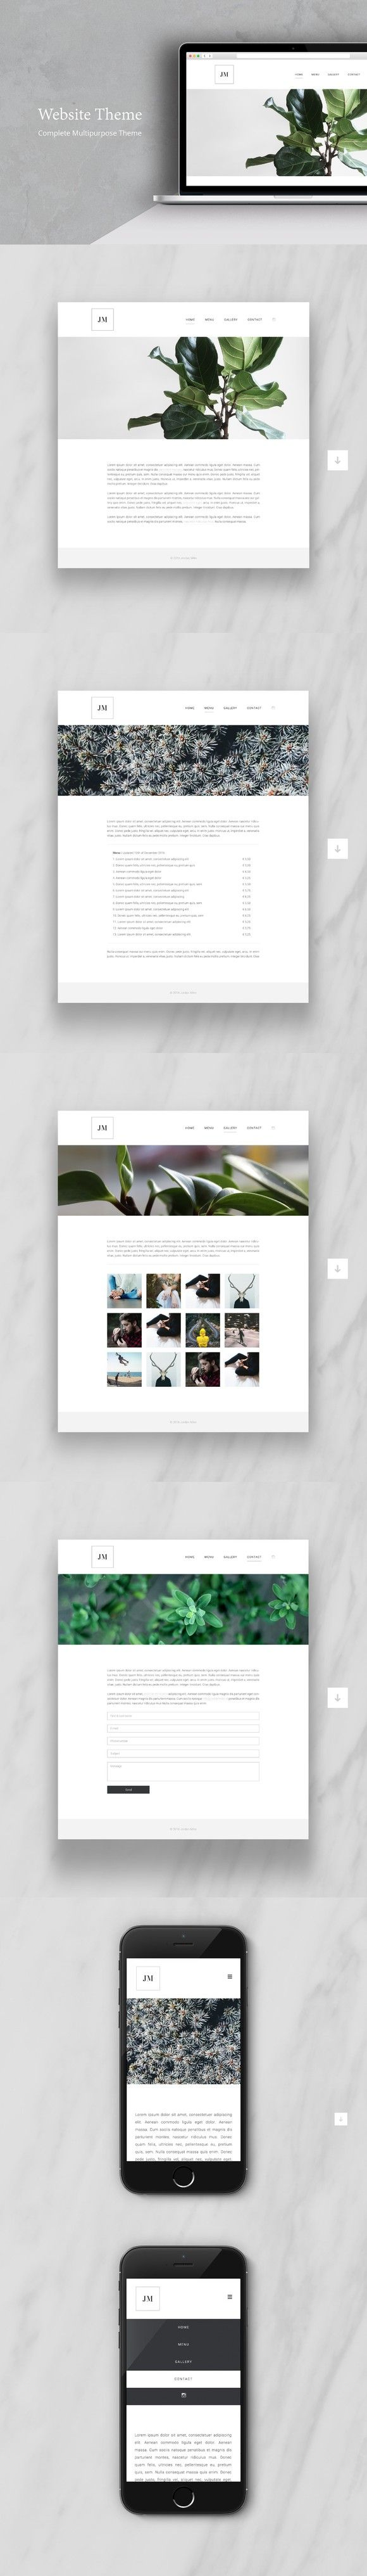 687 besten HTML/CSS Themes Bilder auf Pinterest | Fahrschule ...